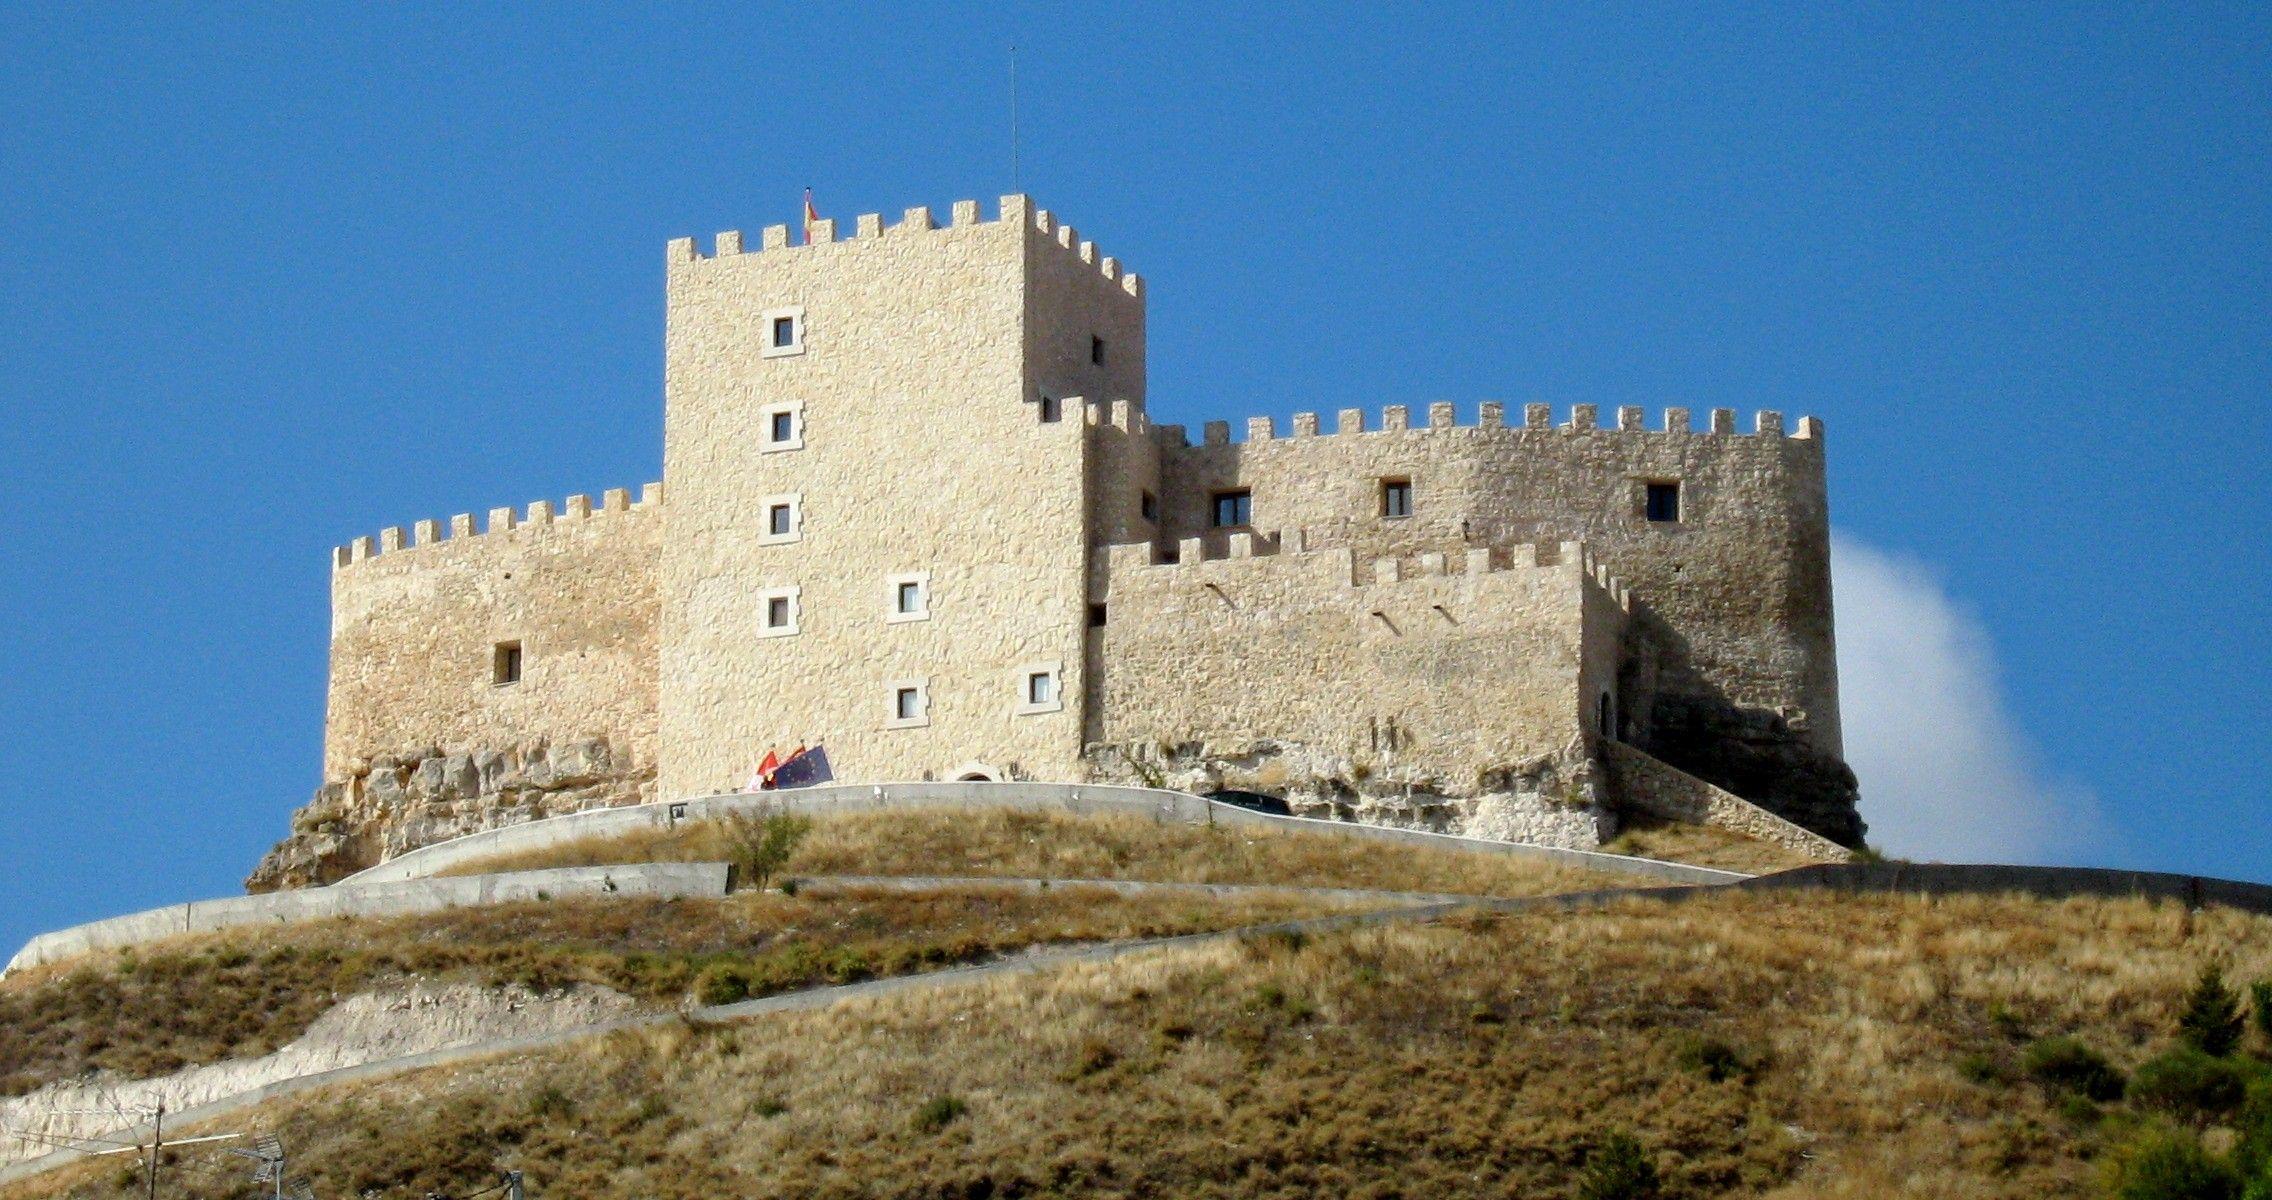 Curiel De Duero Valladolid Medieval Castle Castles Interior Valladolid